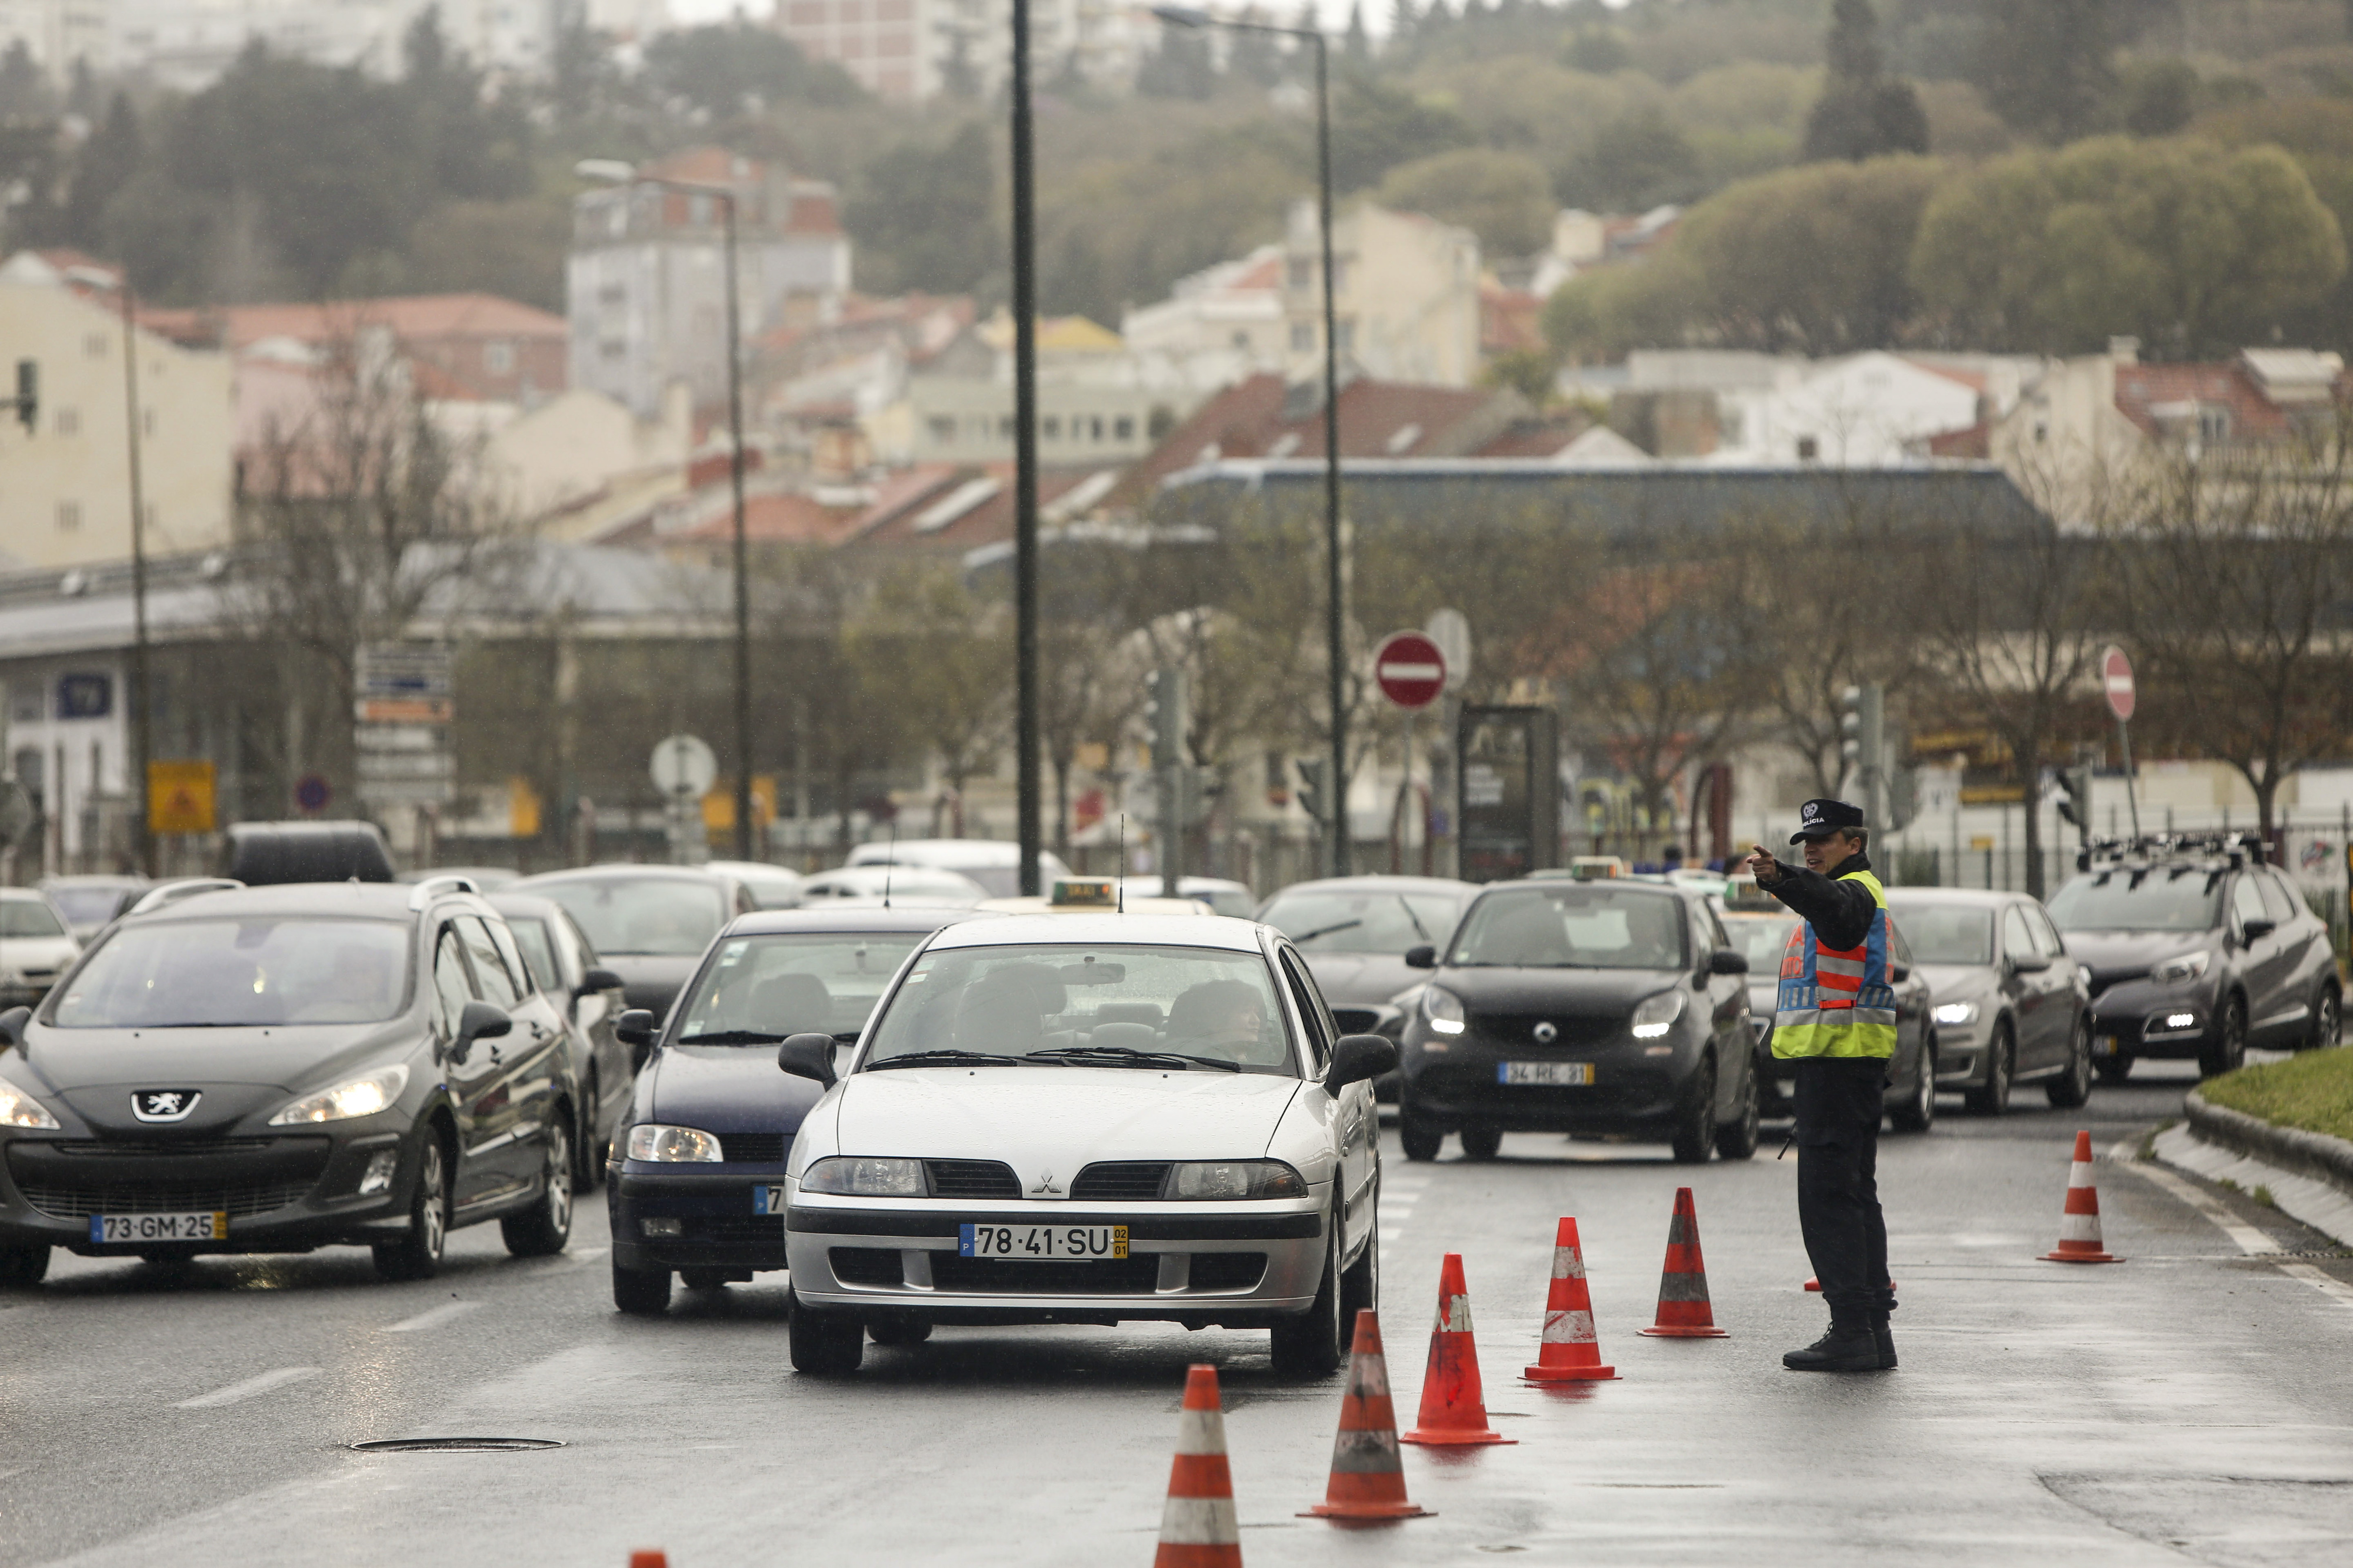 Portugueses gastam mais de oito horas em deslocações durante a semana  - inquérito